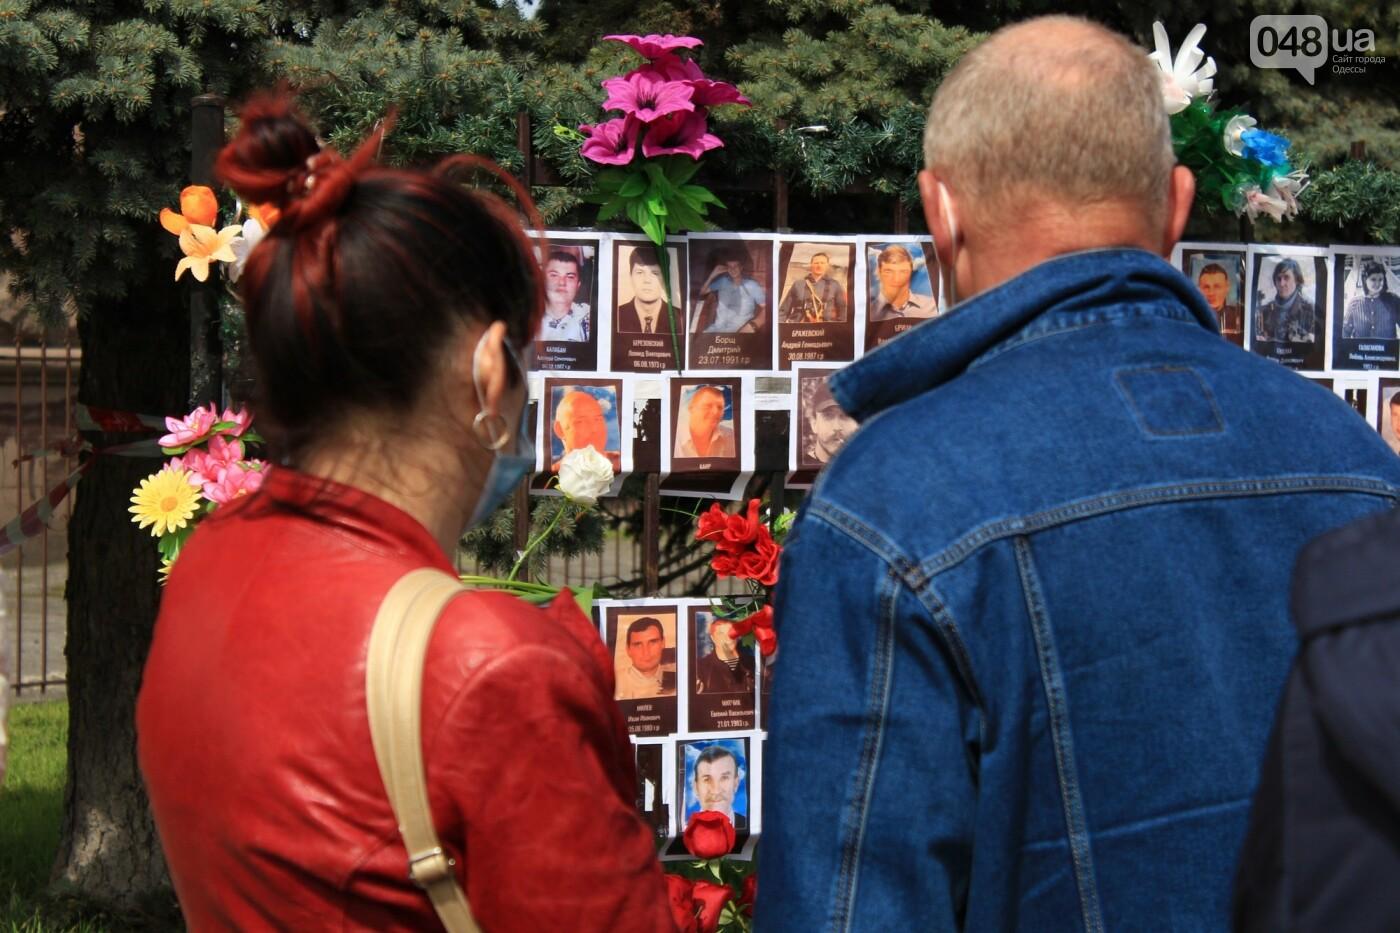 В Одессе к Дому профсоюзов несут цветы под присмотром полиции и медиков, - ФОТО, ВИДЕО , фото-30